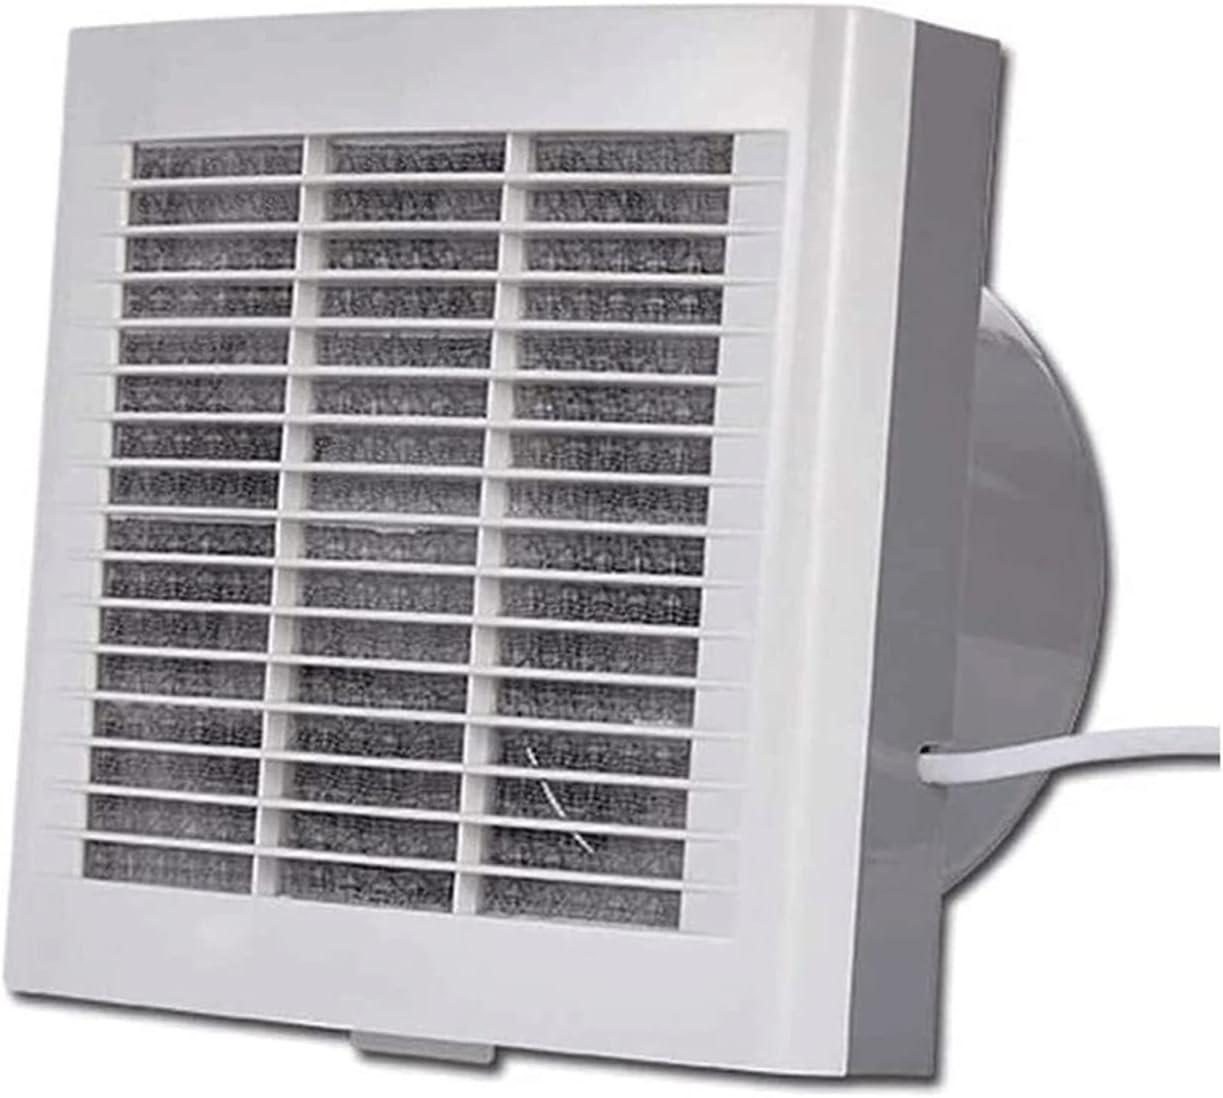 HDCDKKOU Ventilador de extractor de baño, ventilador de extractor de cocina Ventilador de alta capacidad, ventilador de ventilación bidireccional Ventilador de control remoto del obturador eléctrico d